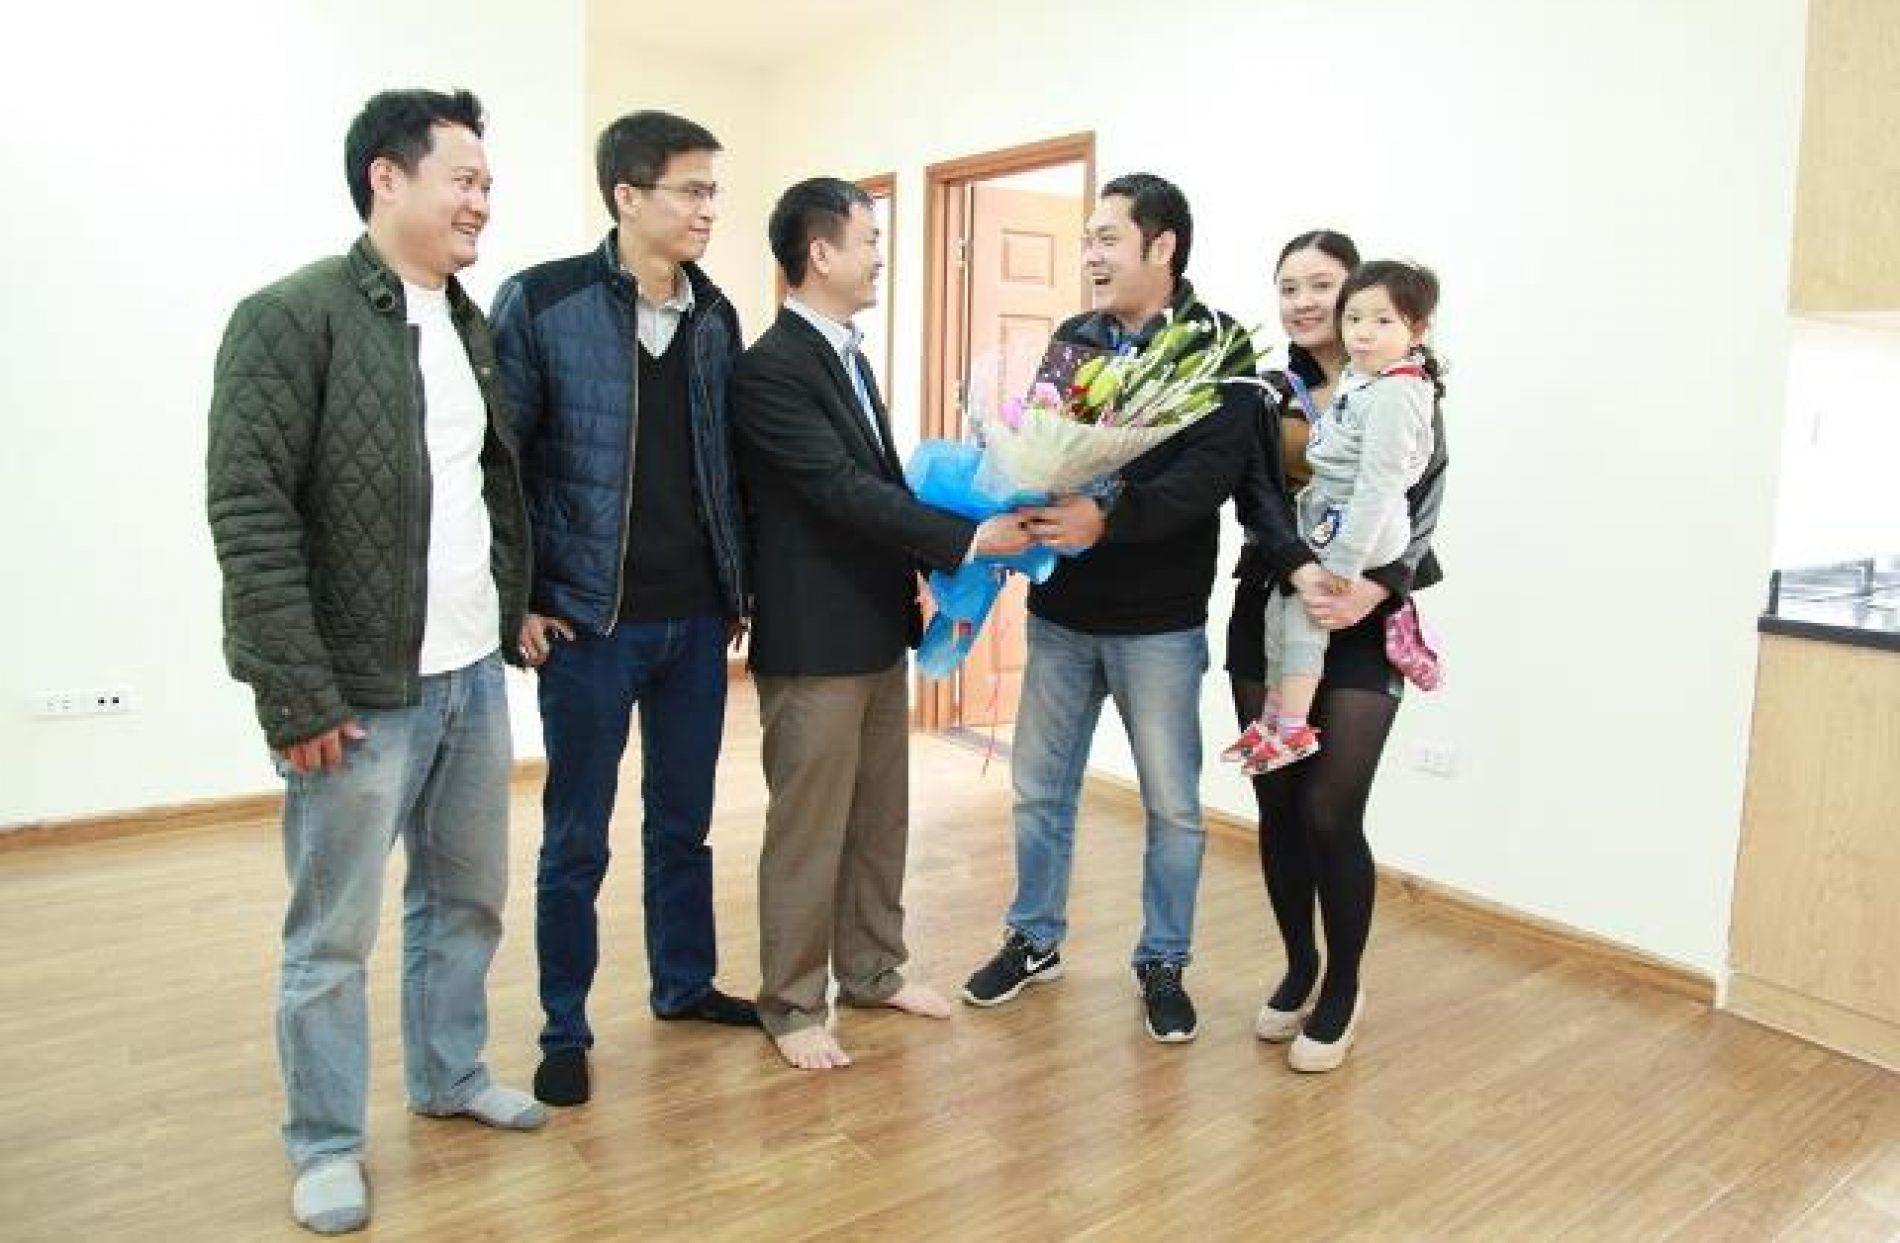 Kinh nghiệm nhận nhà chung cư – chia sẻ từ chuyên gia